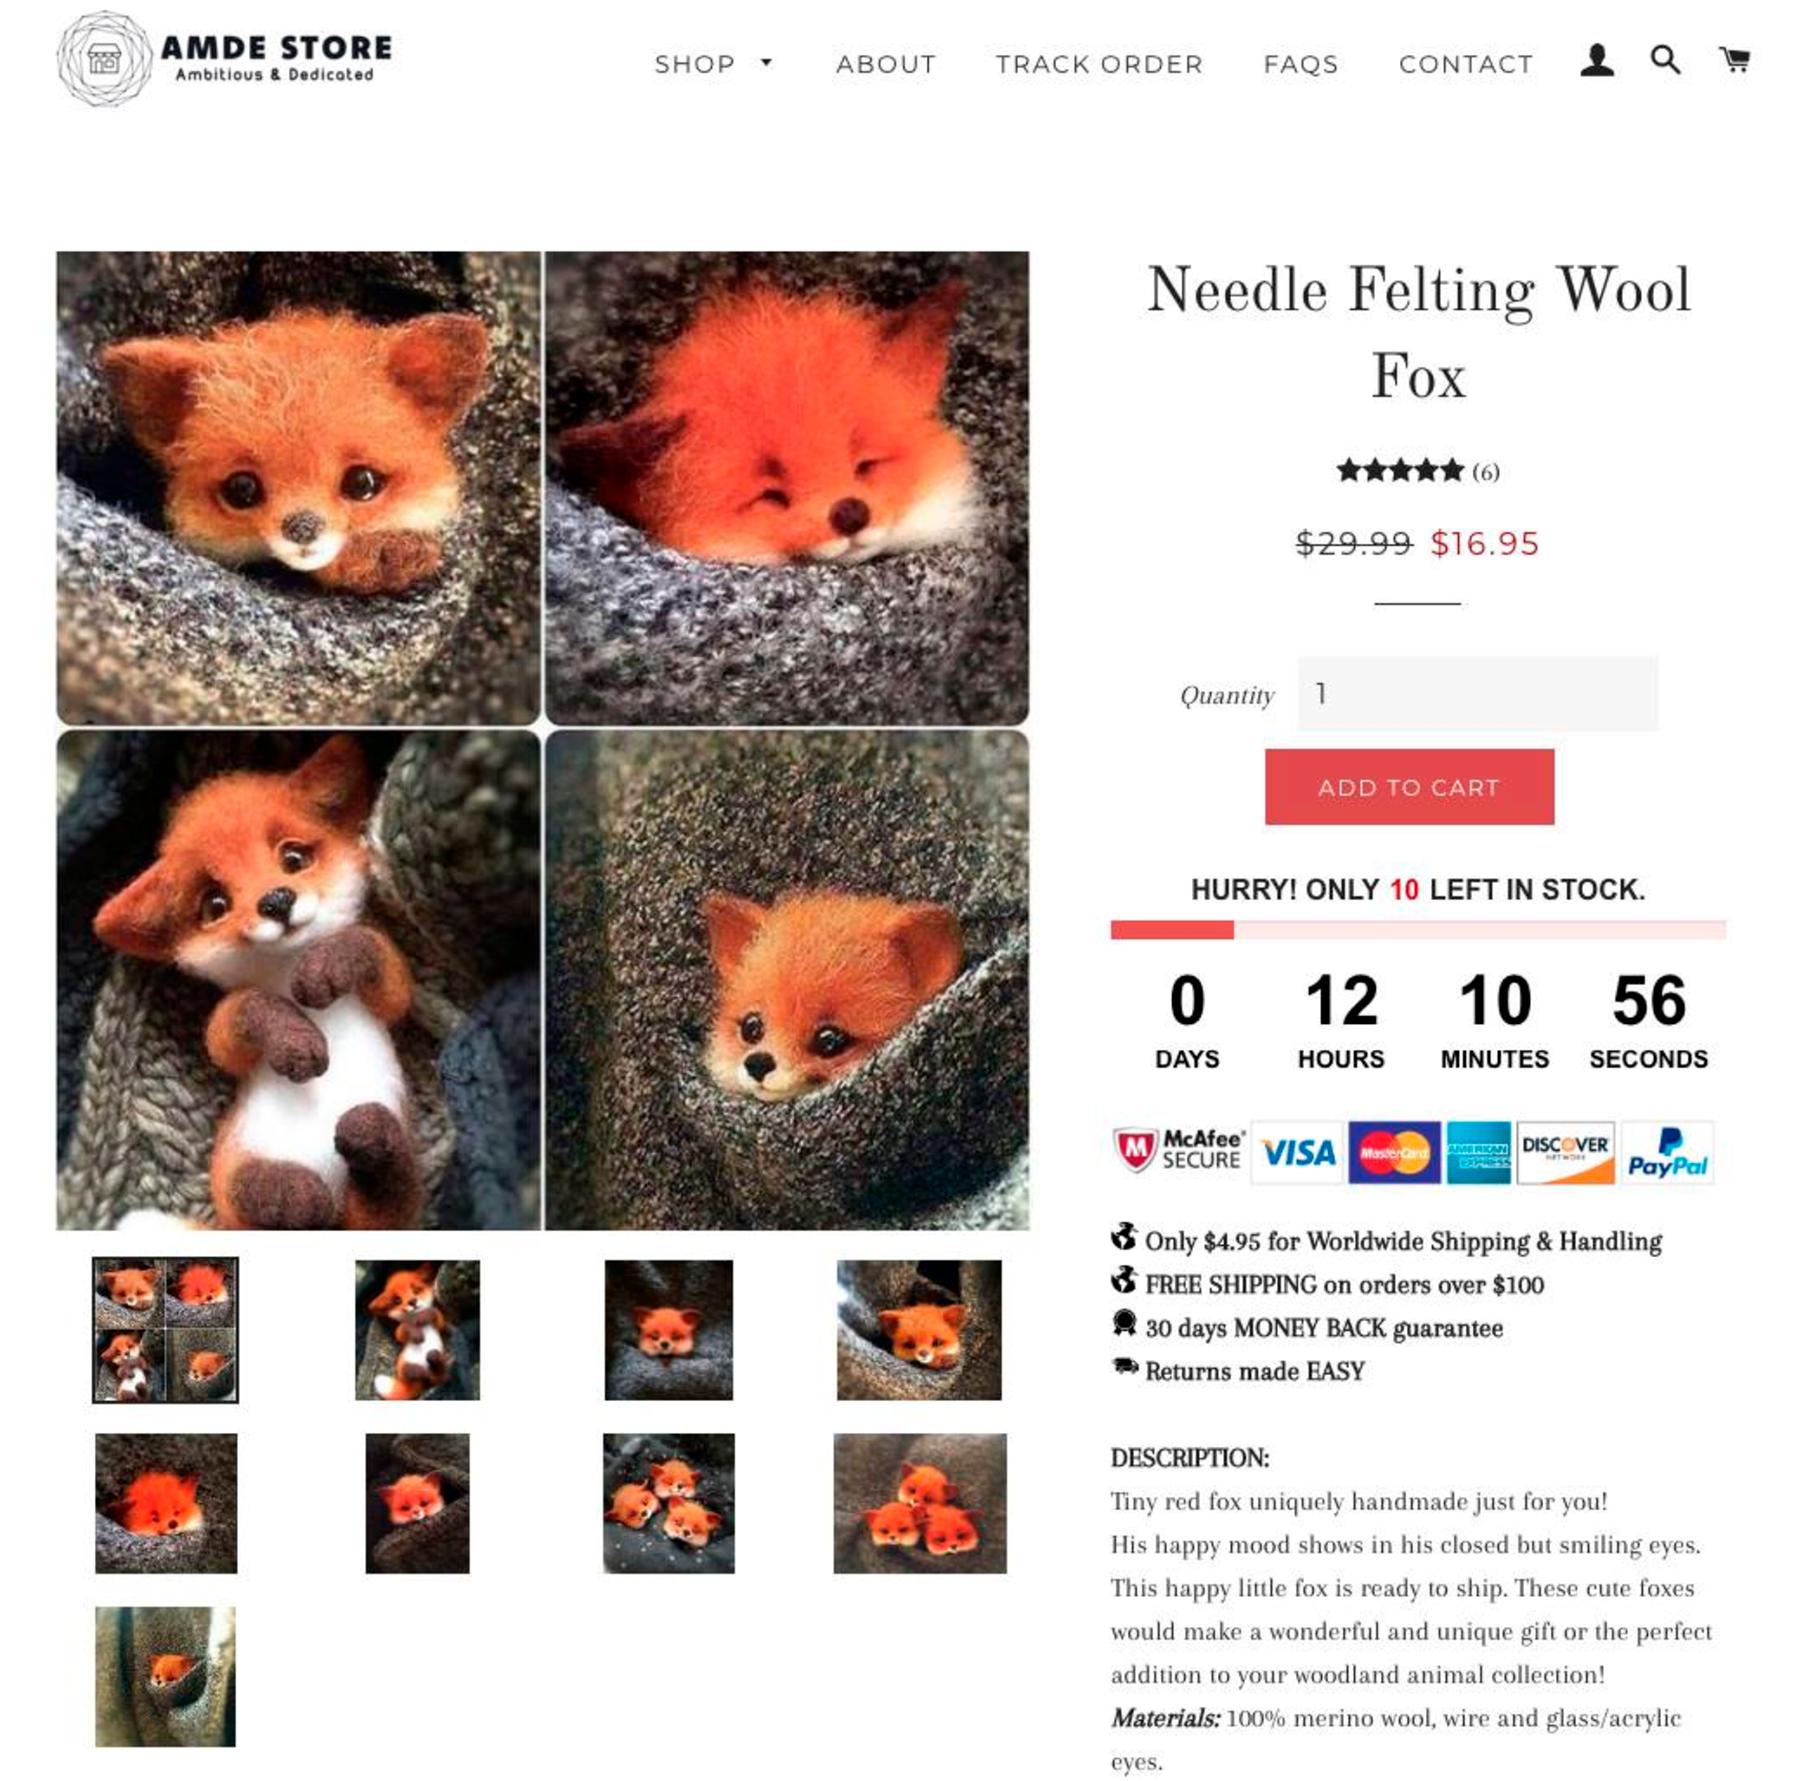 Сайт мошенников, которые украли фотографии работ